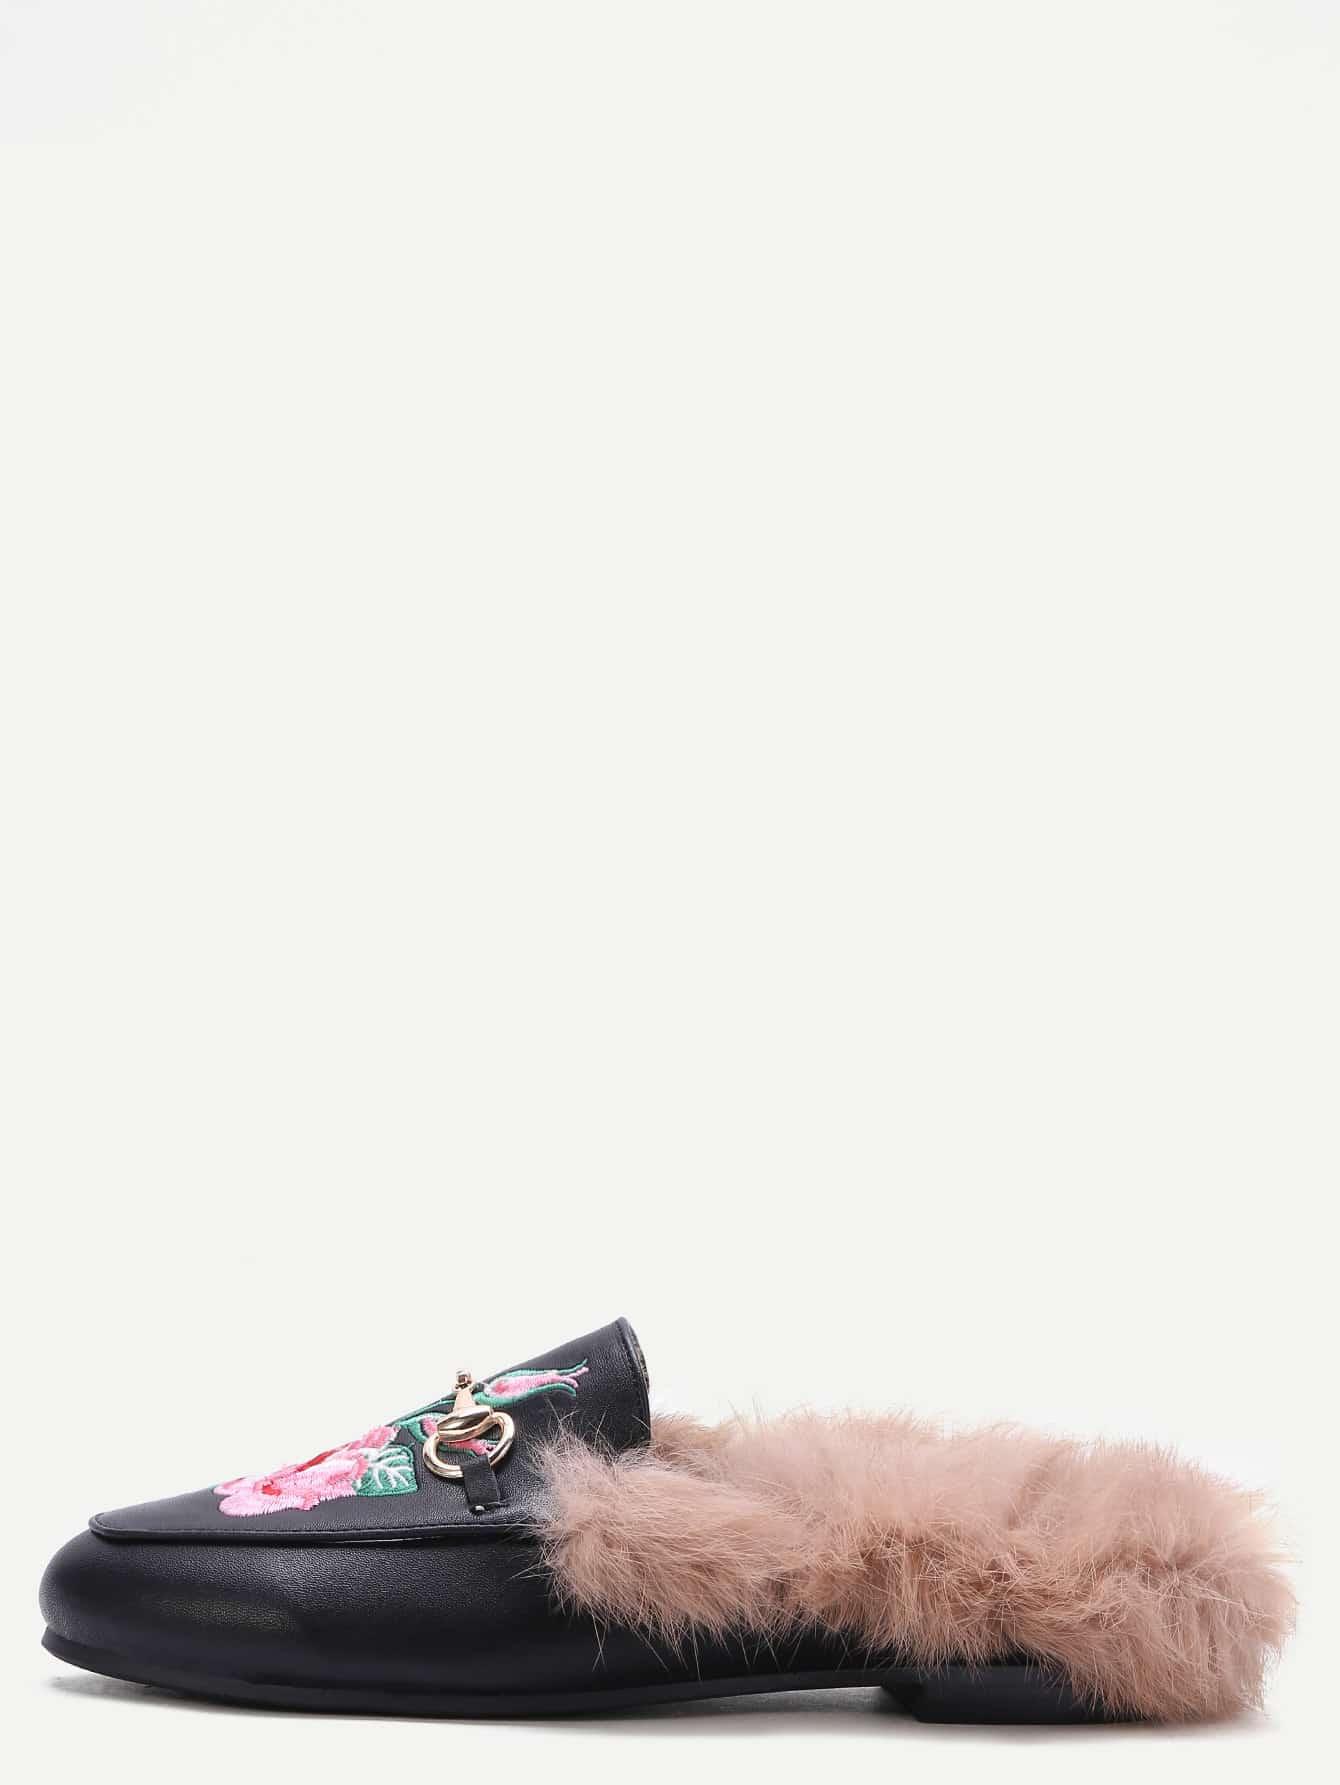 shoes161104805_2